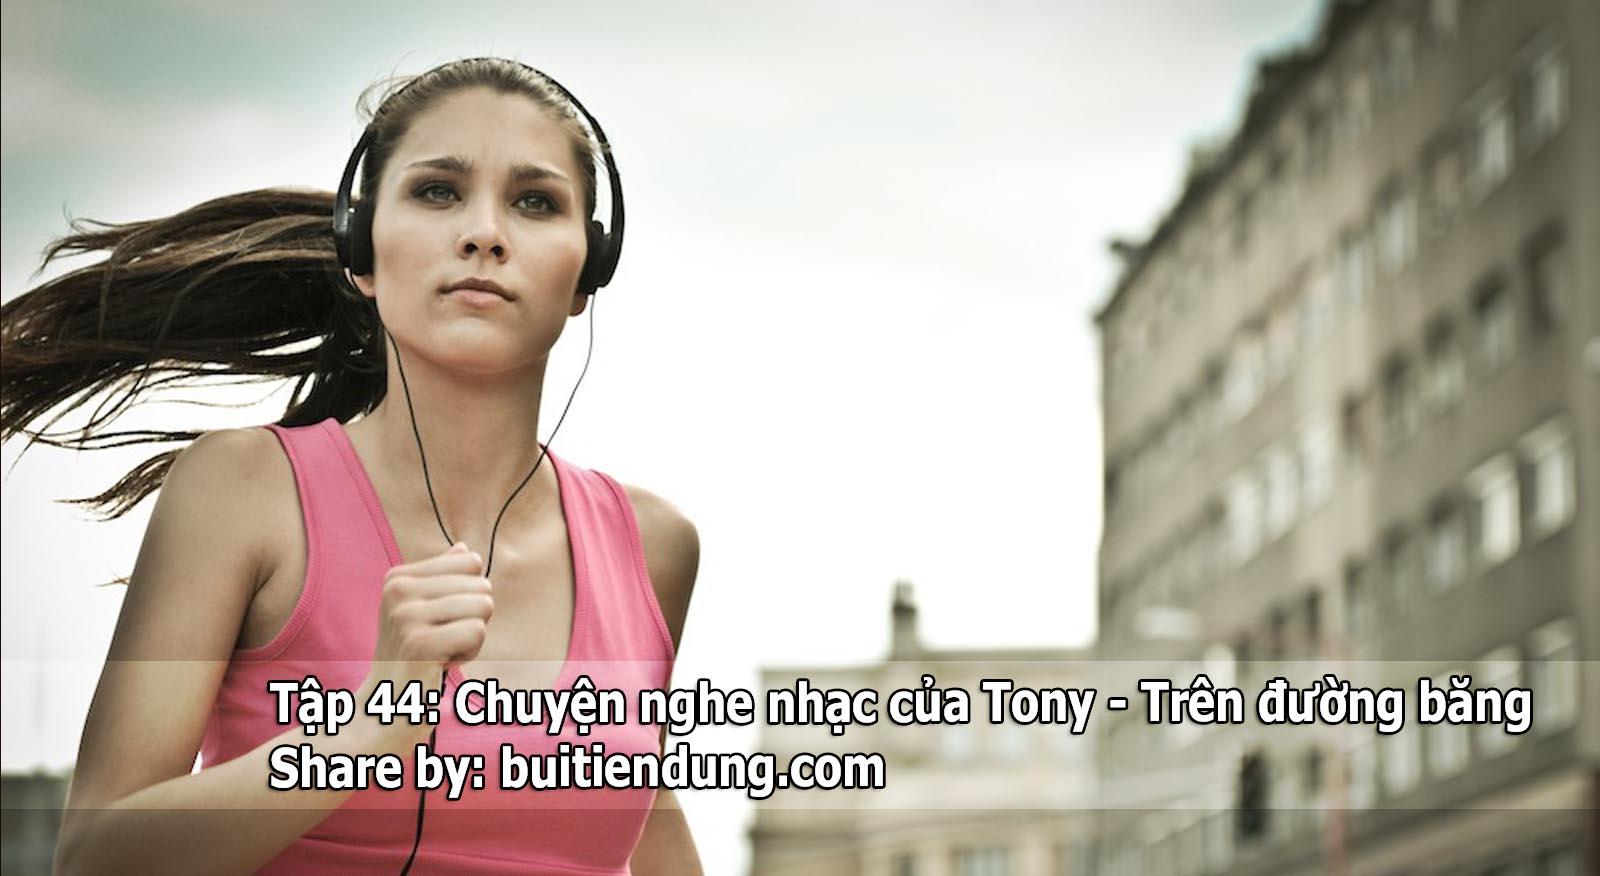 Tập 44: Chuyện nghe nhạc của Tony – Trên đường băng